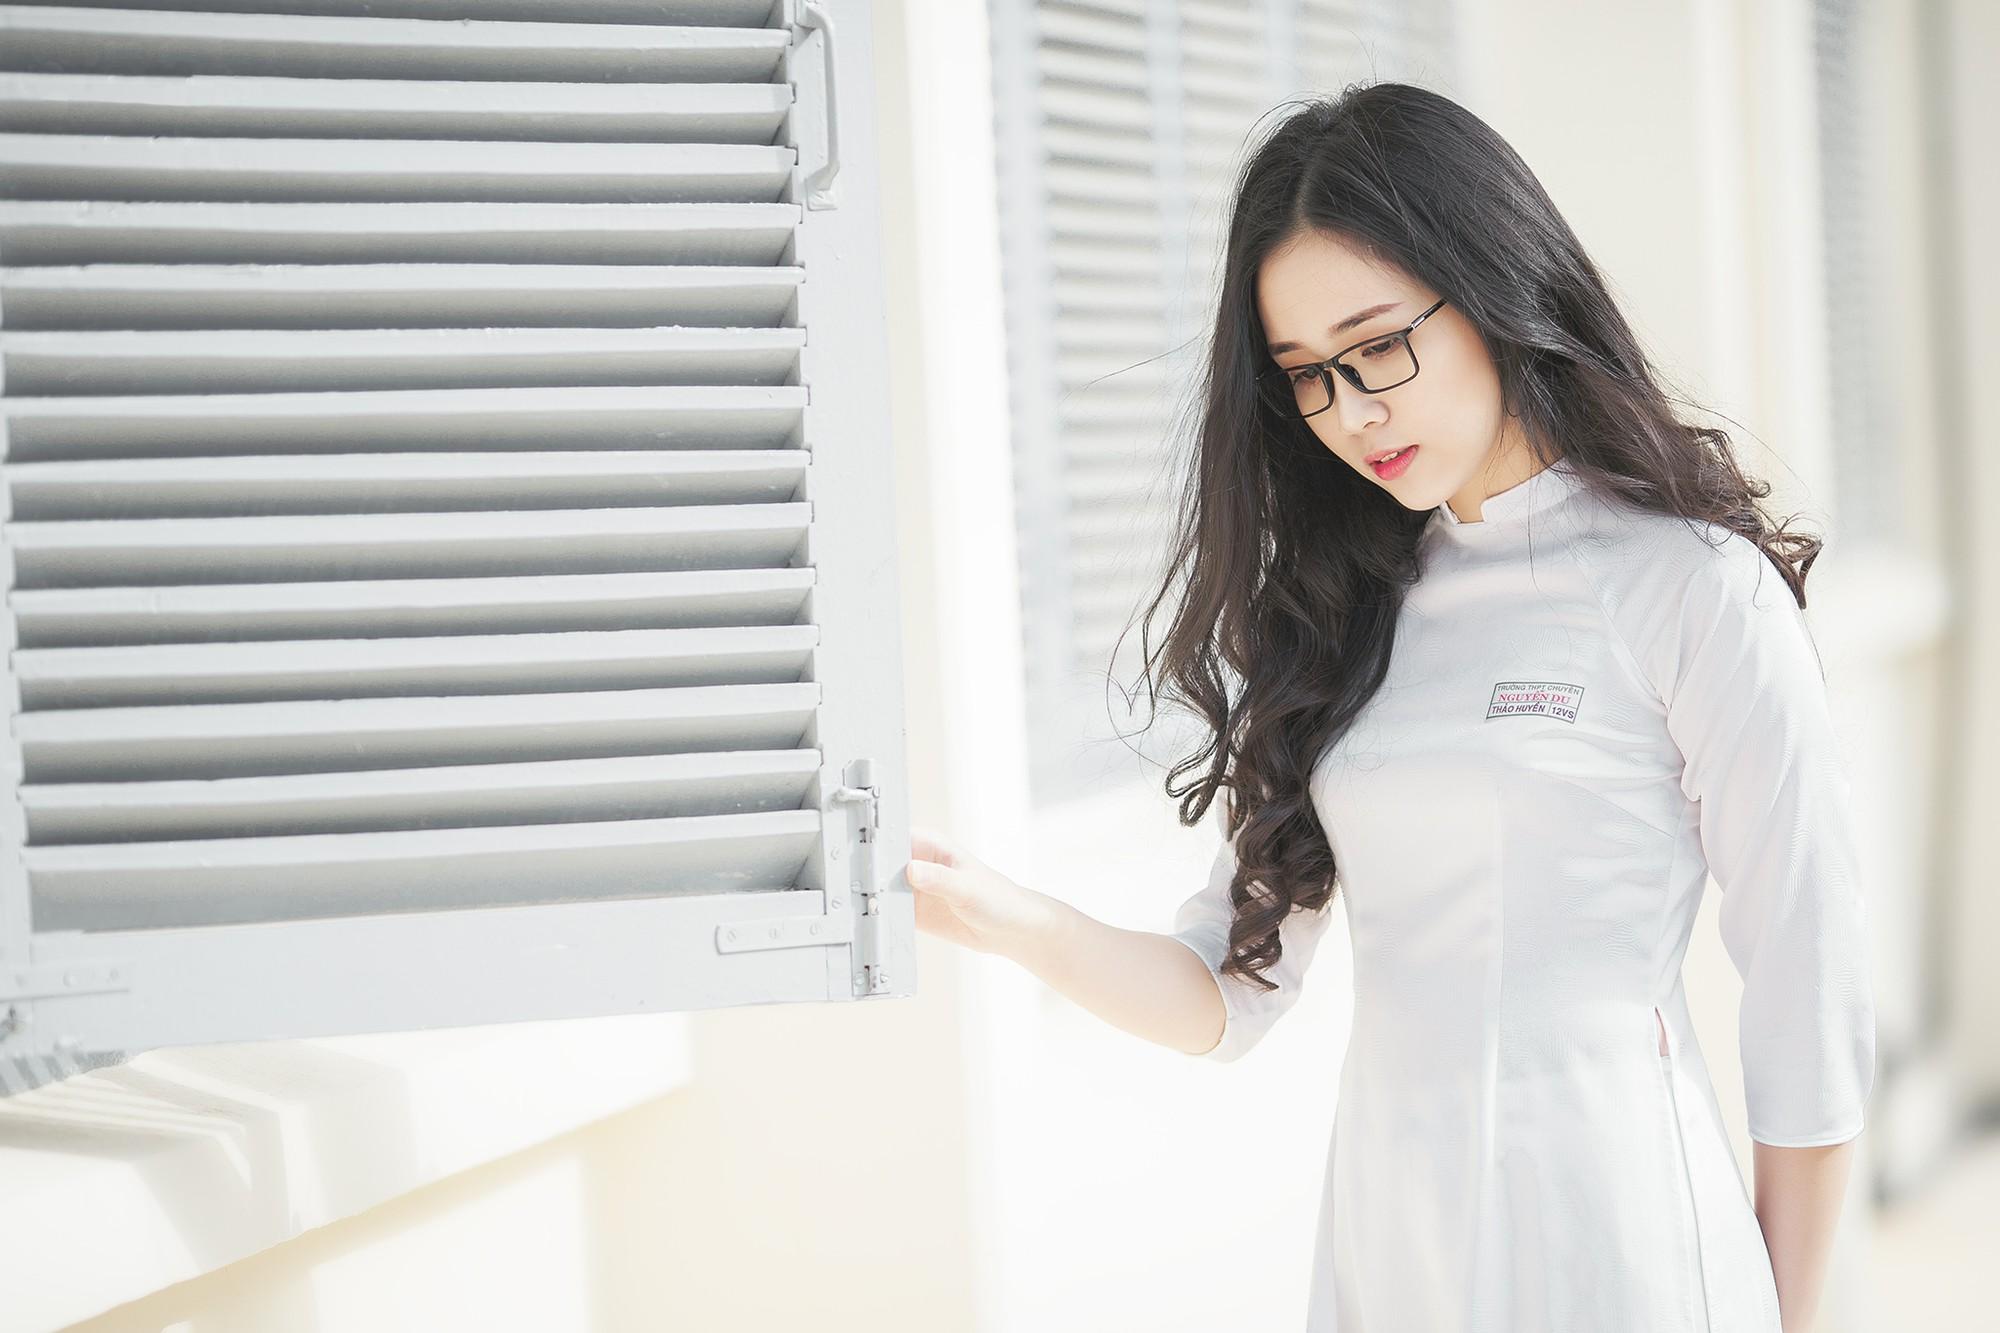 Không thể rời mắt trước bộ hình áo dài quá xinh của nữ sinh 2000 đến từ Đắk Lắk - Ảnh 4.